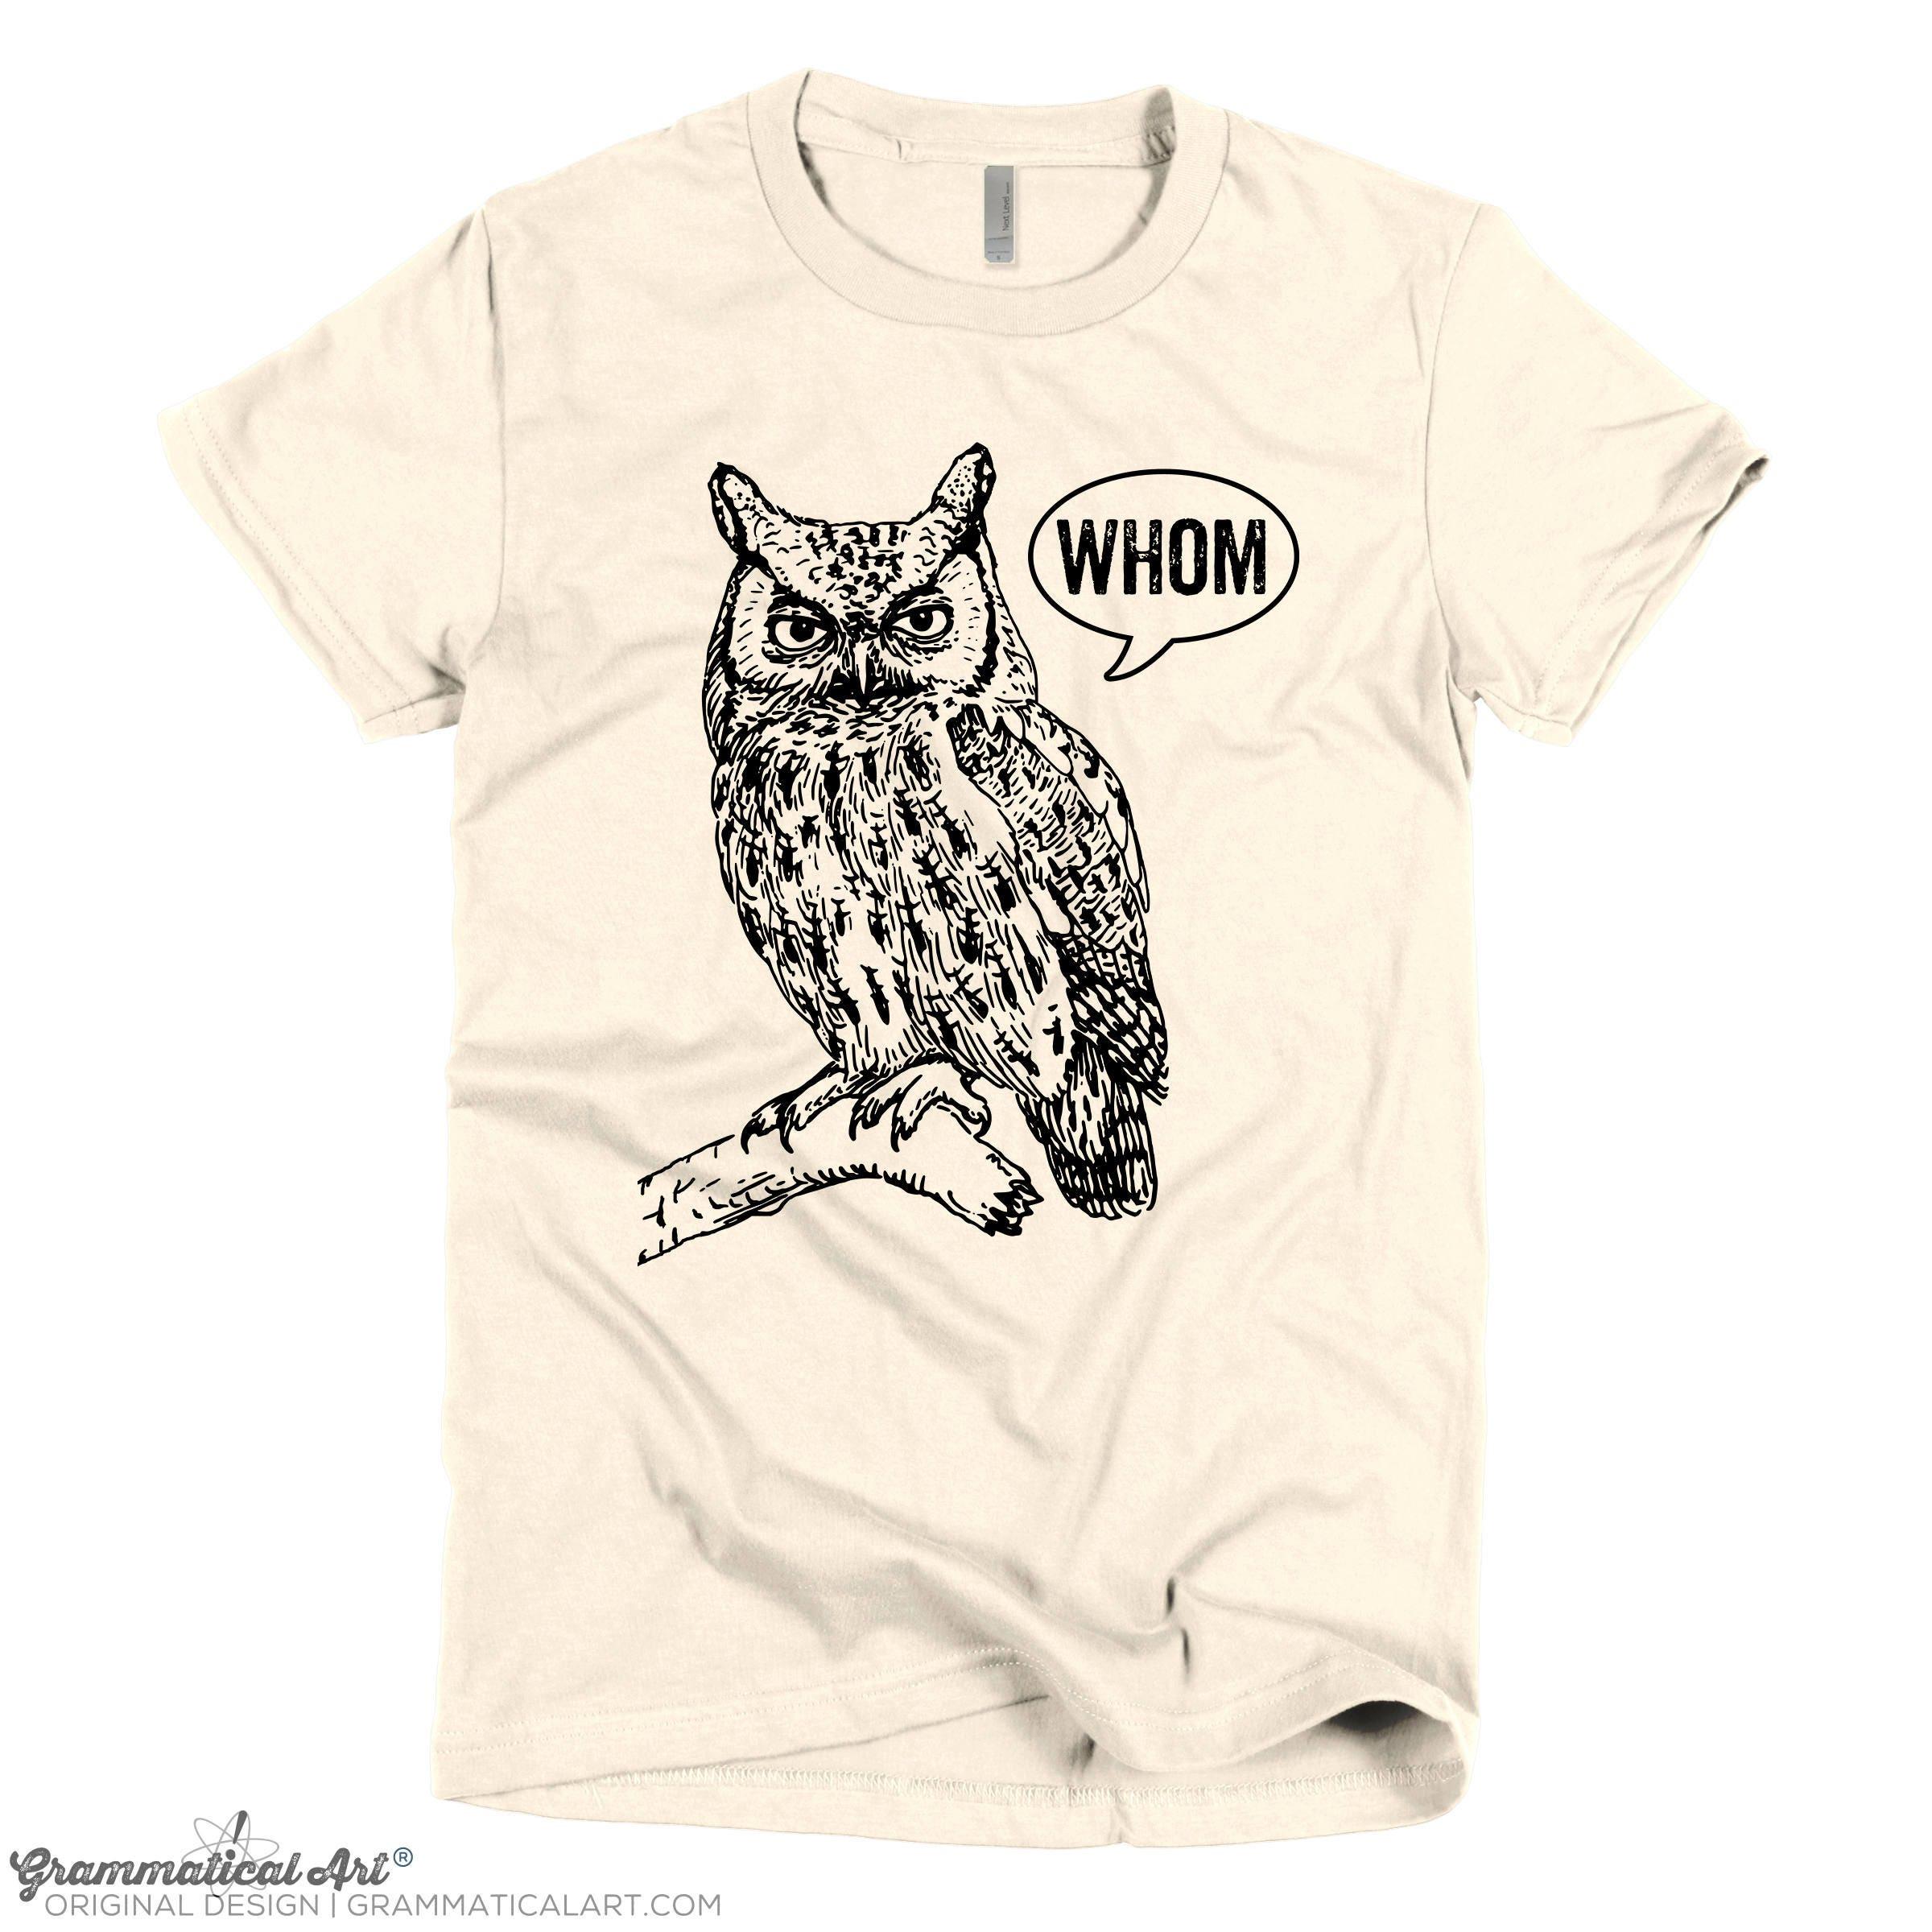 4e6b6a0bfcc Funny Tshirts Grammar Shirt Whom Owl Shirt Womens Shirt